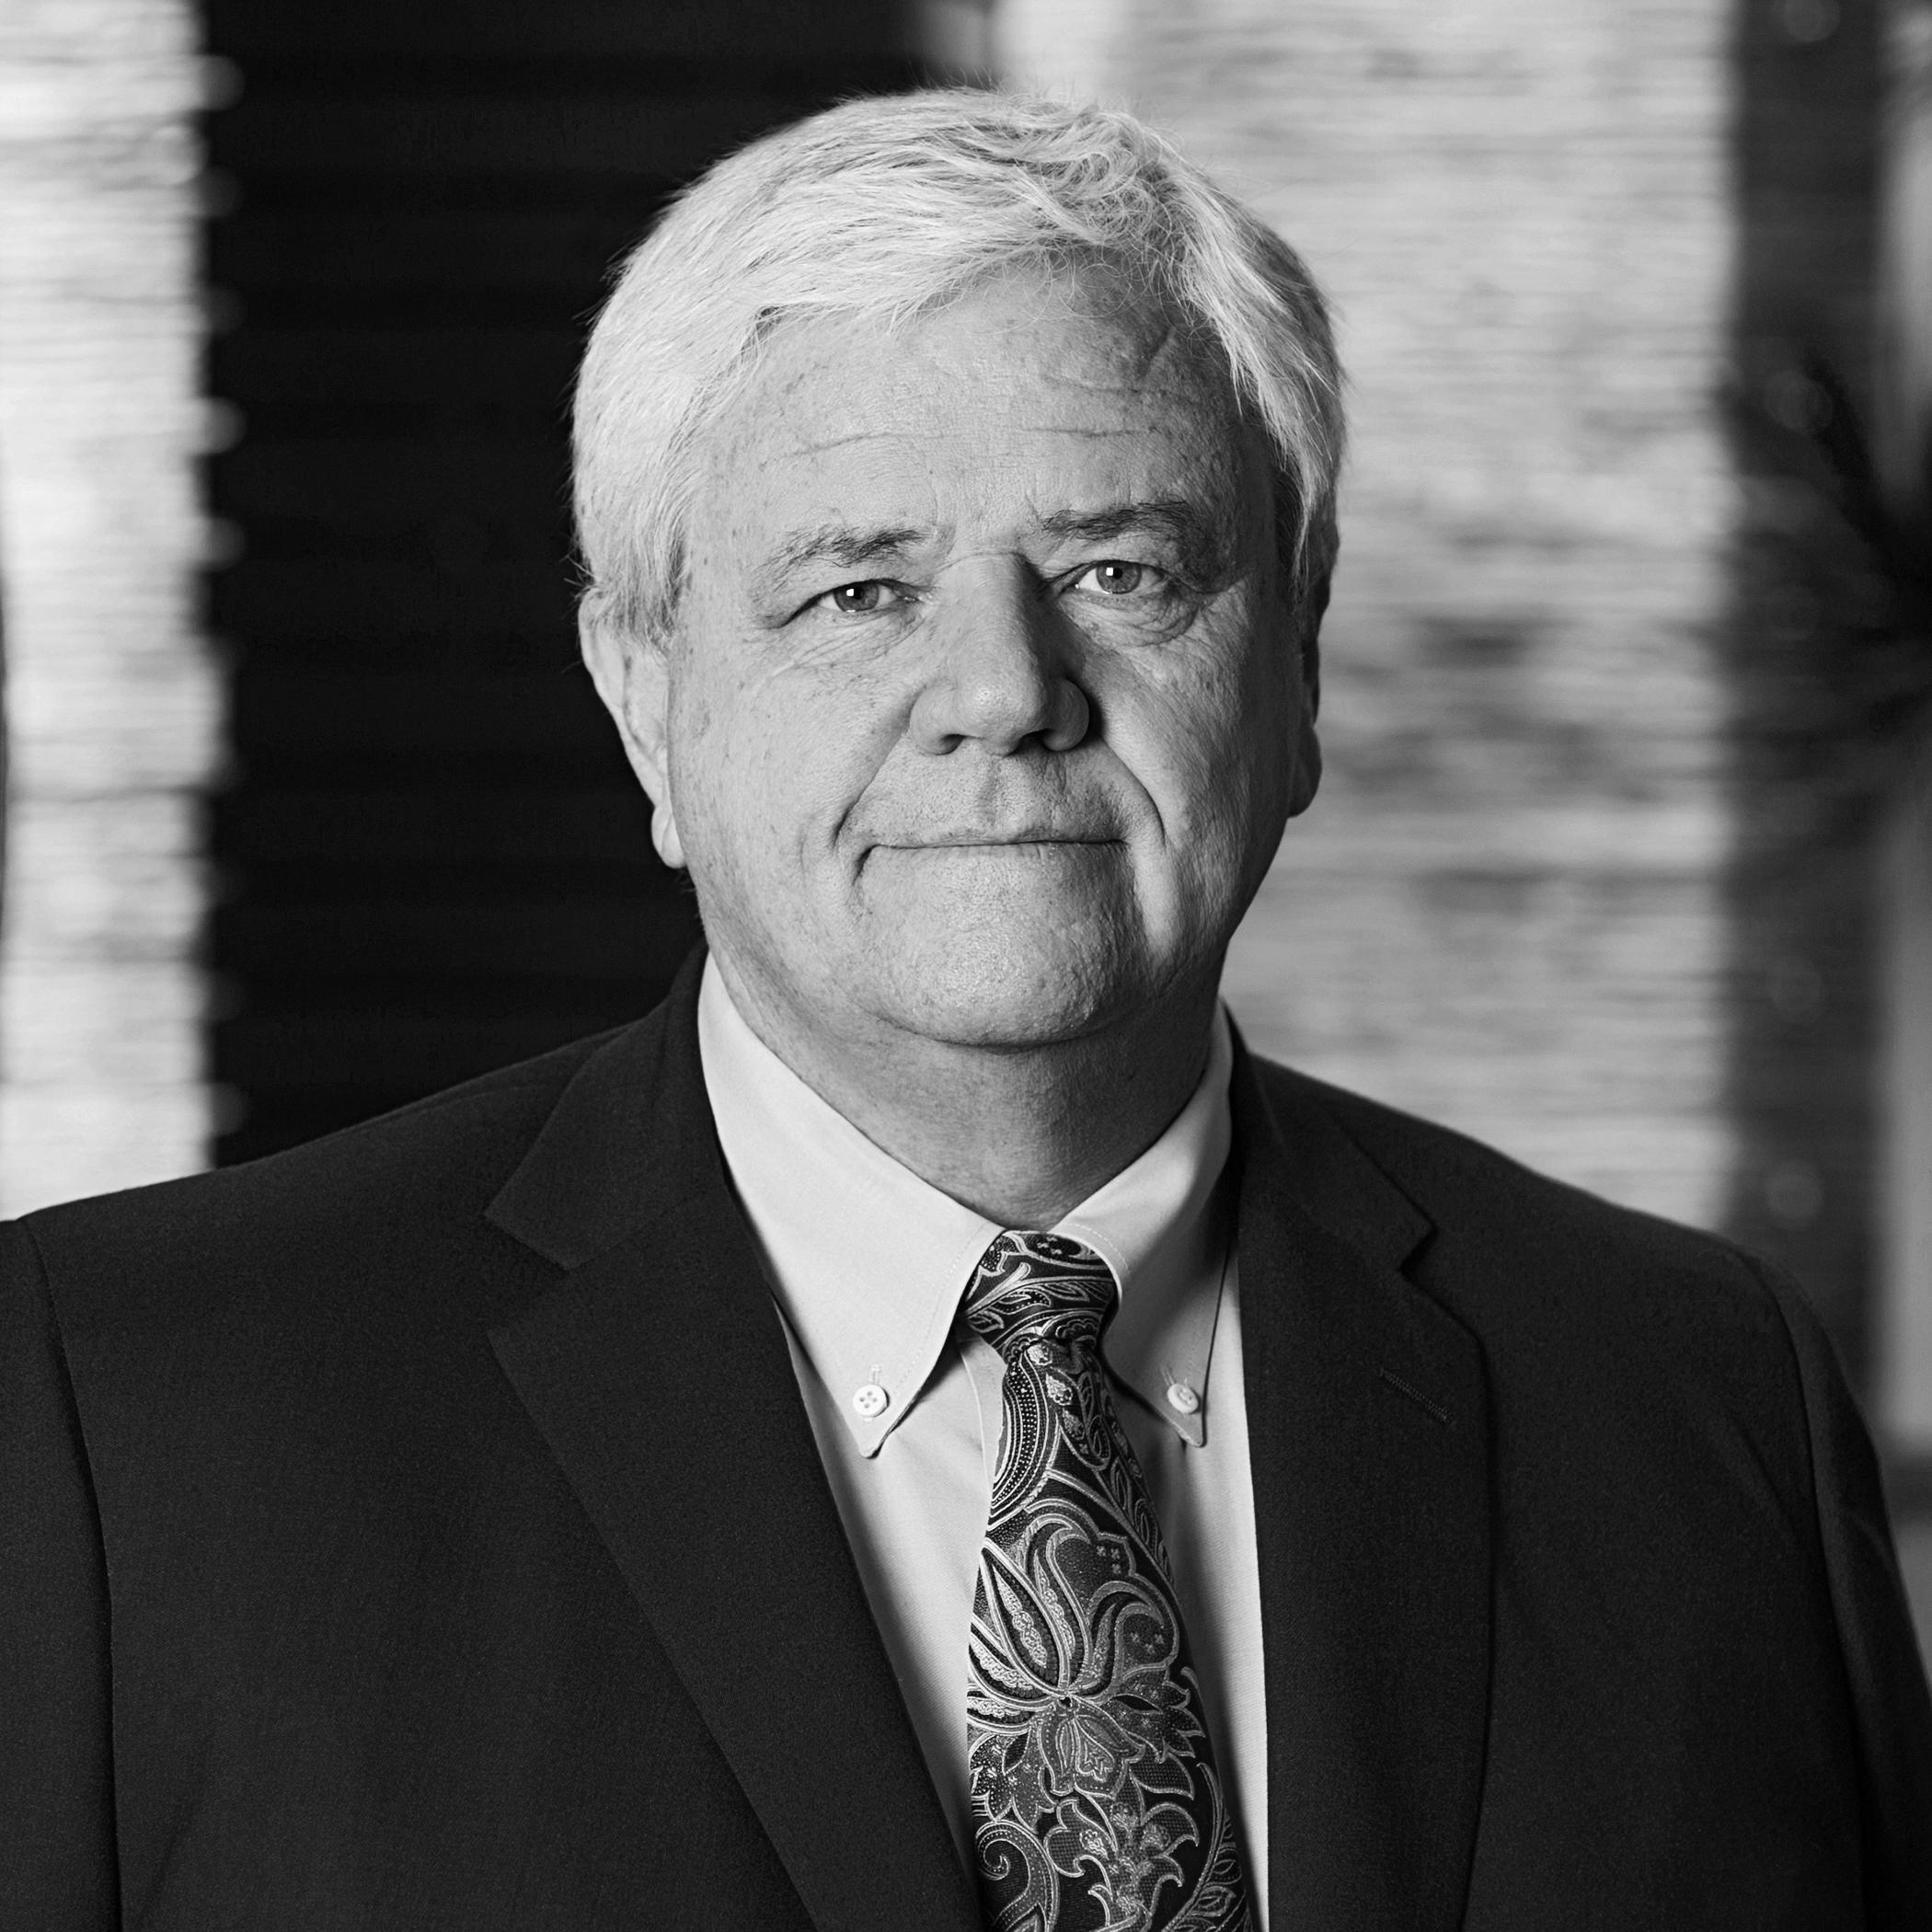 Bill Smelko